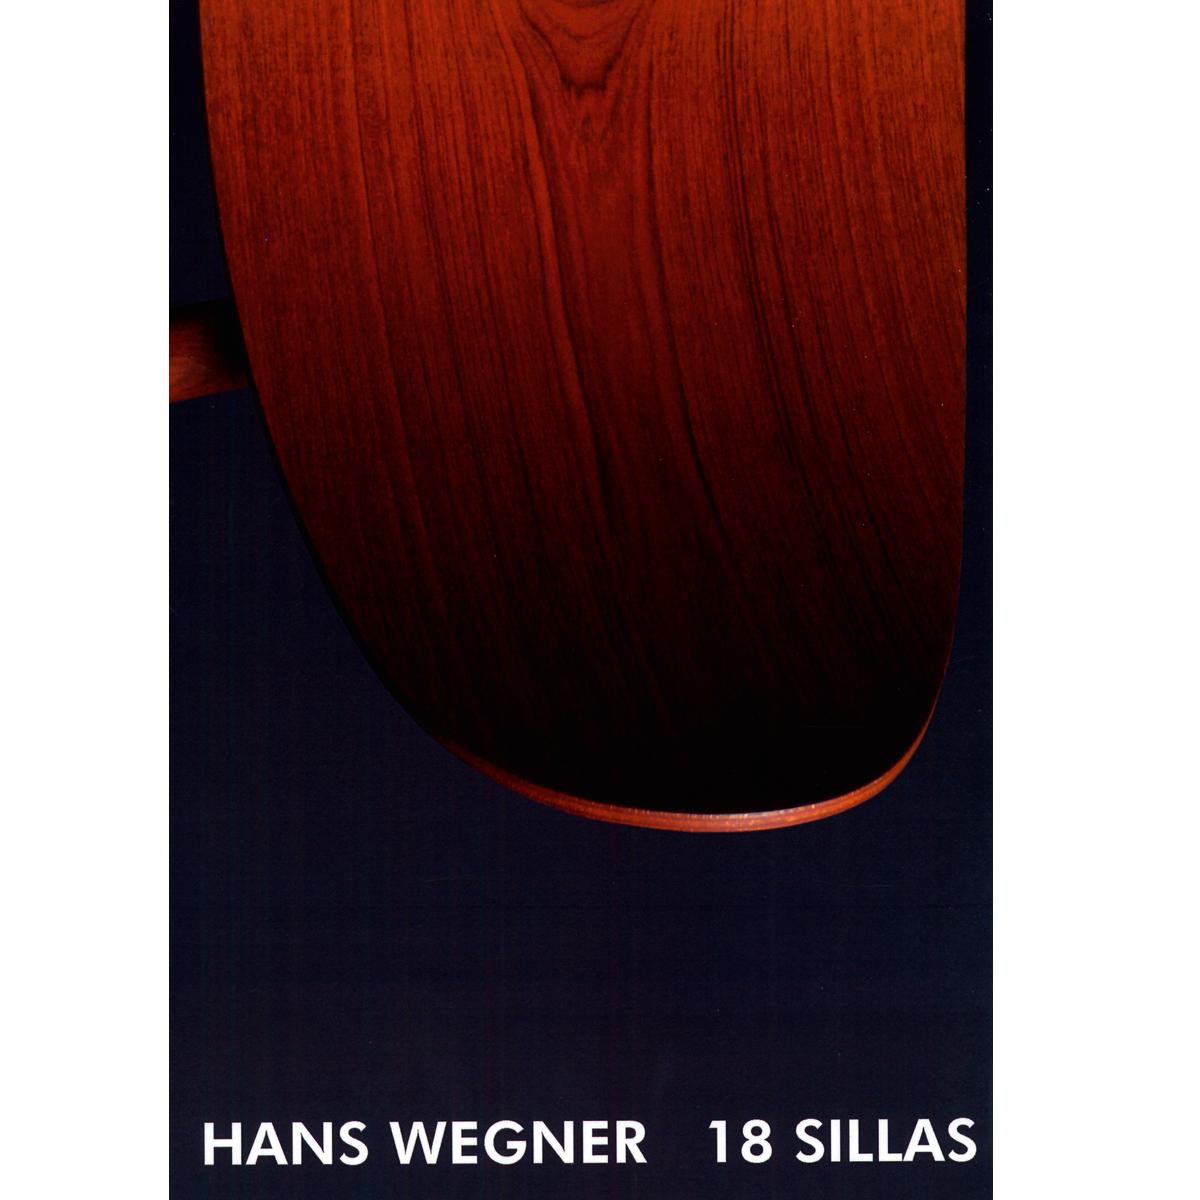 Hans Wegner: 18 sillas